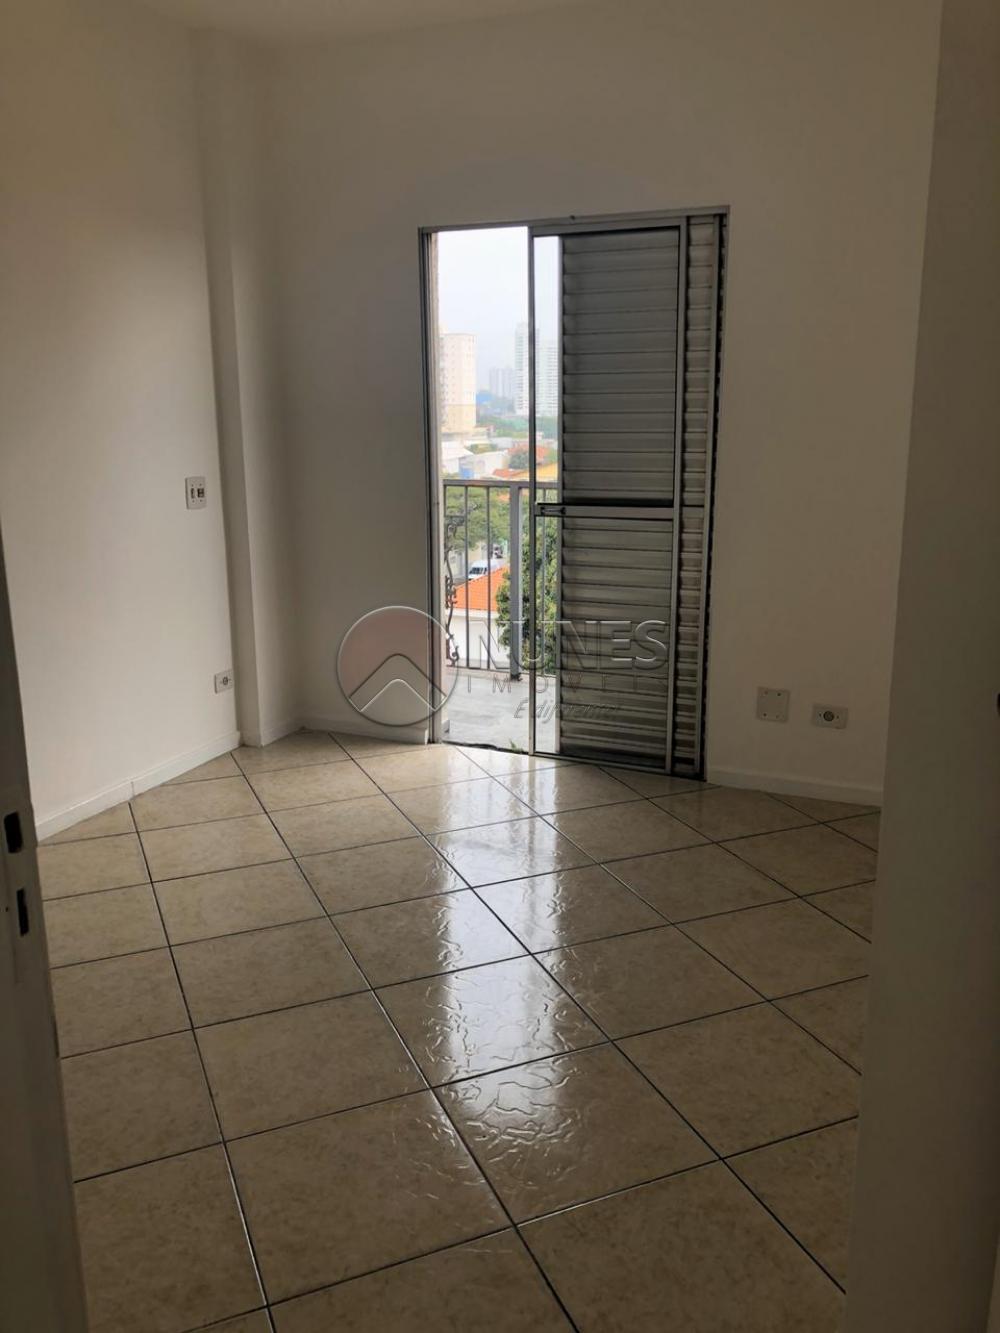 Comprar Apartamento / Padrão em Osasco apenas R$ 350.000,00 - Foto 13